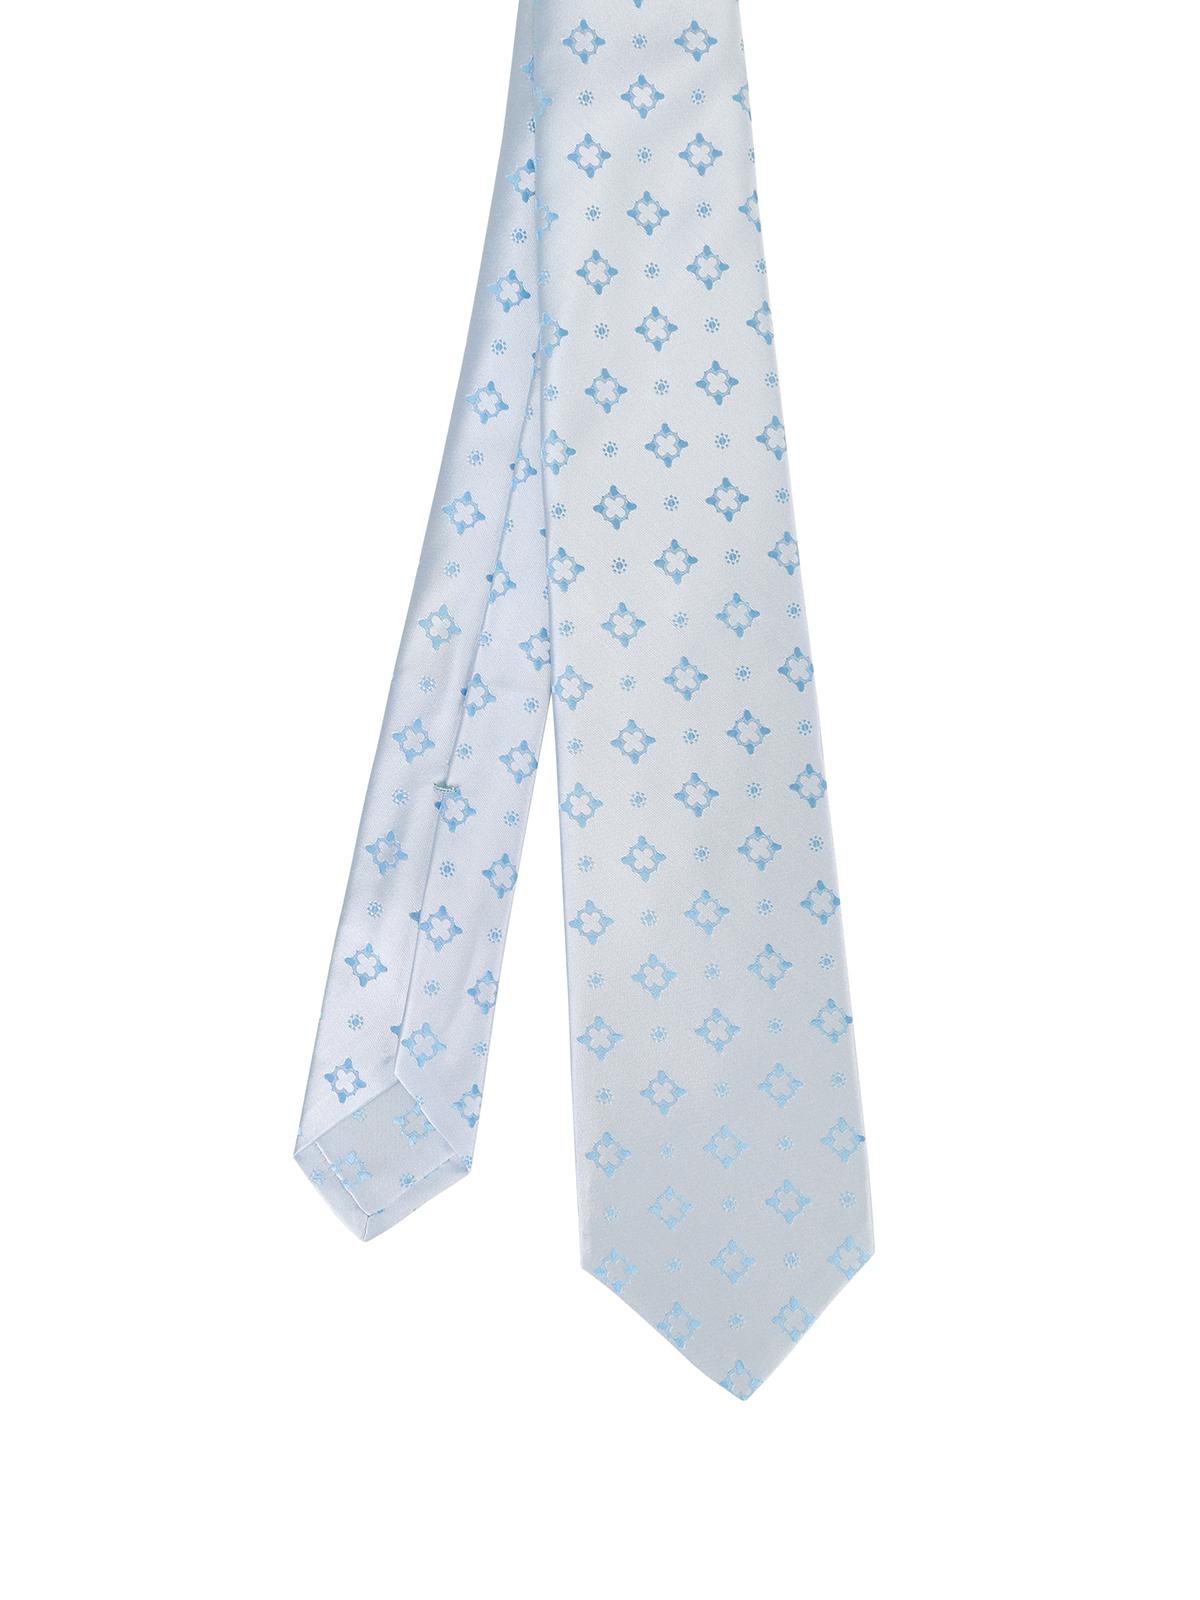 02b674363266 Kiton - Patterned pale blue silk tie - ties & bow ties - 9E7201